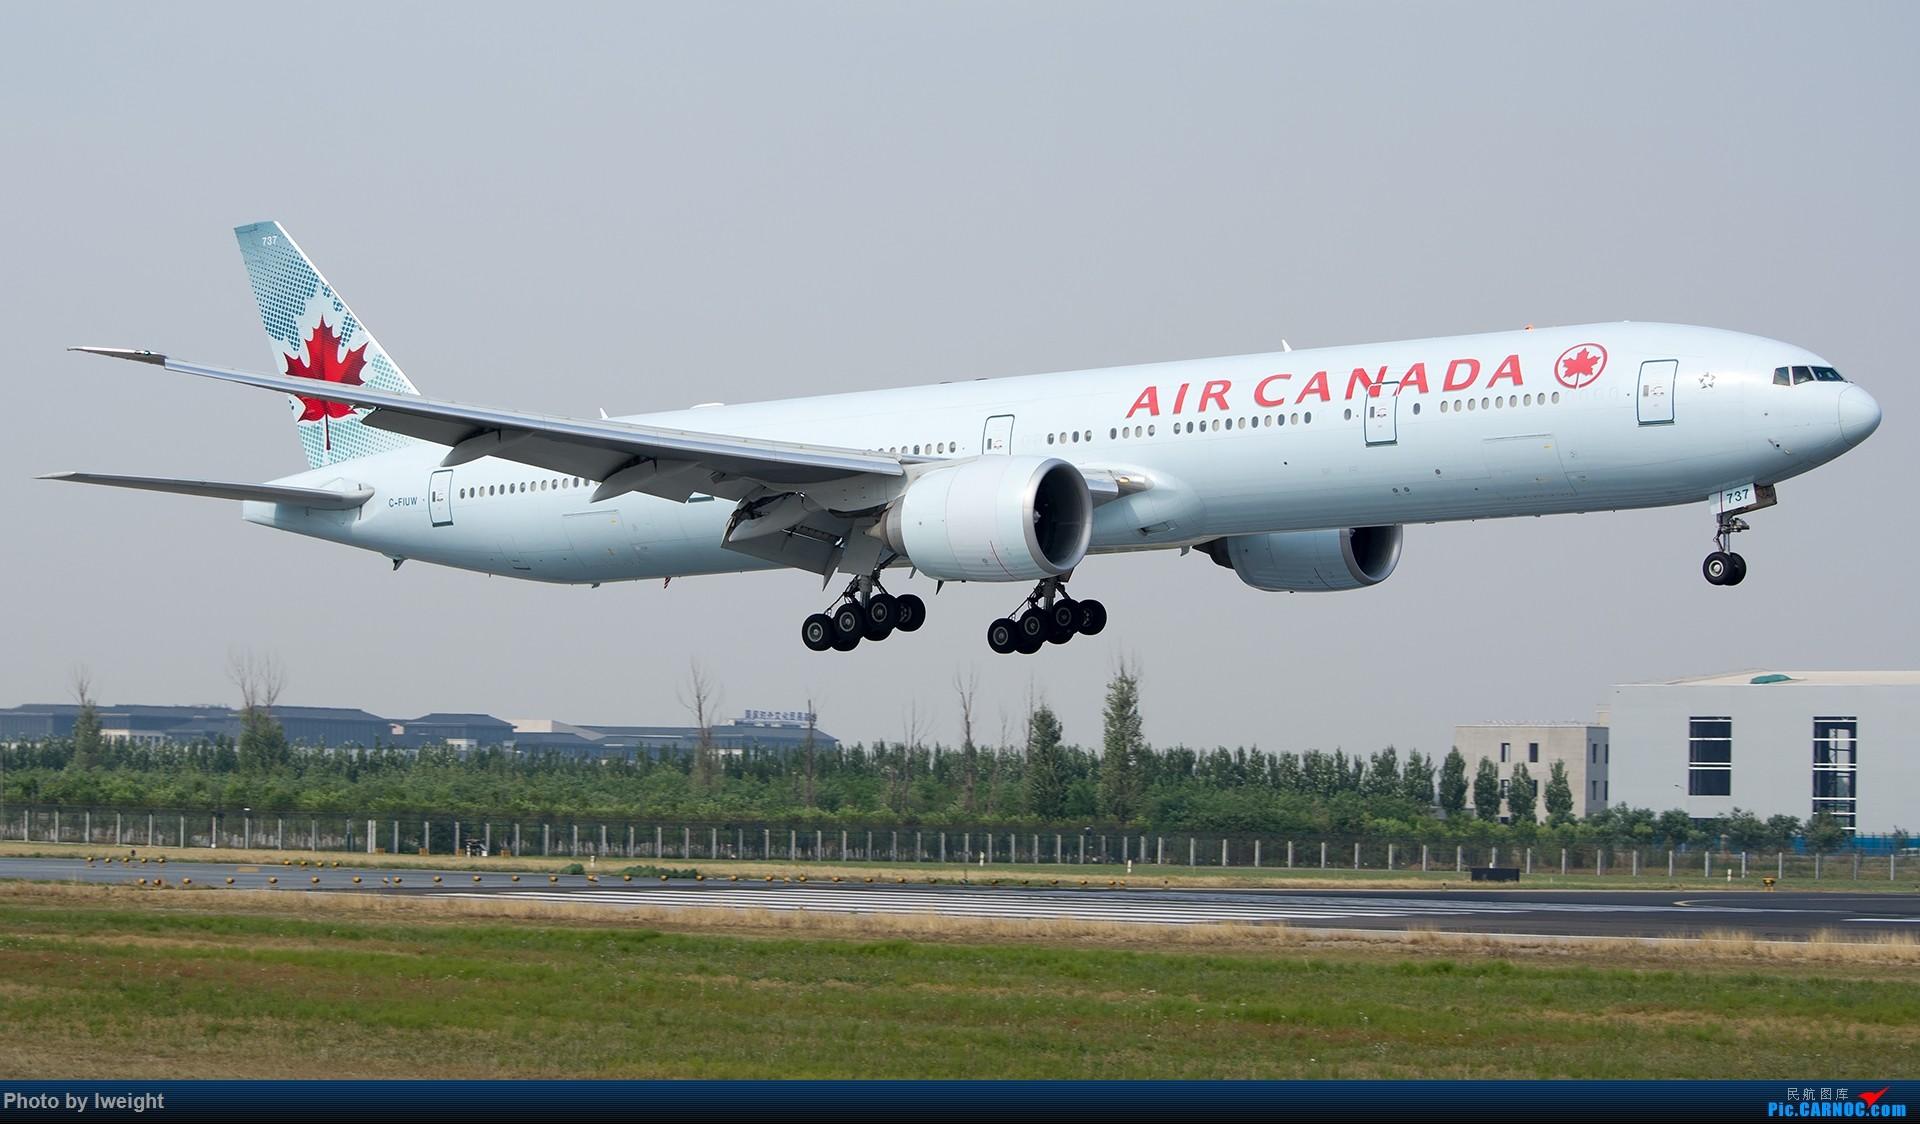 Re:[原创]周末帝都霾天拍机,凑合看看吧【2015-5-23】 BOEING 777-300ER C-FIUW 中国北京首都国际机场